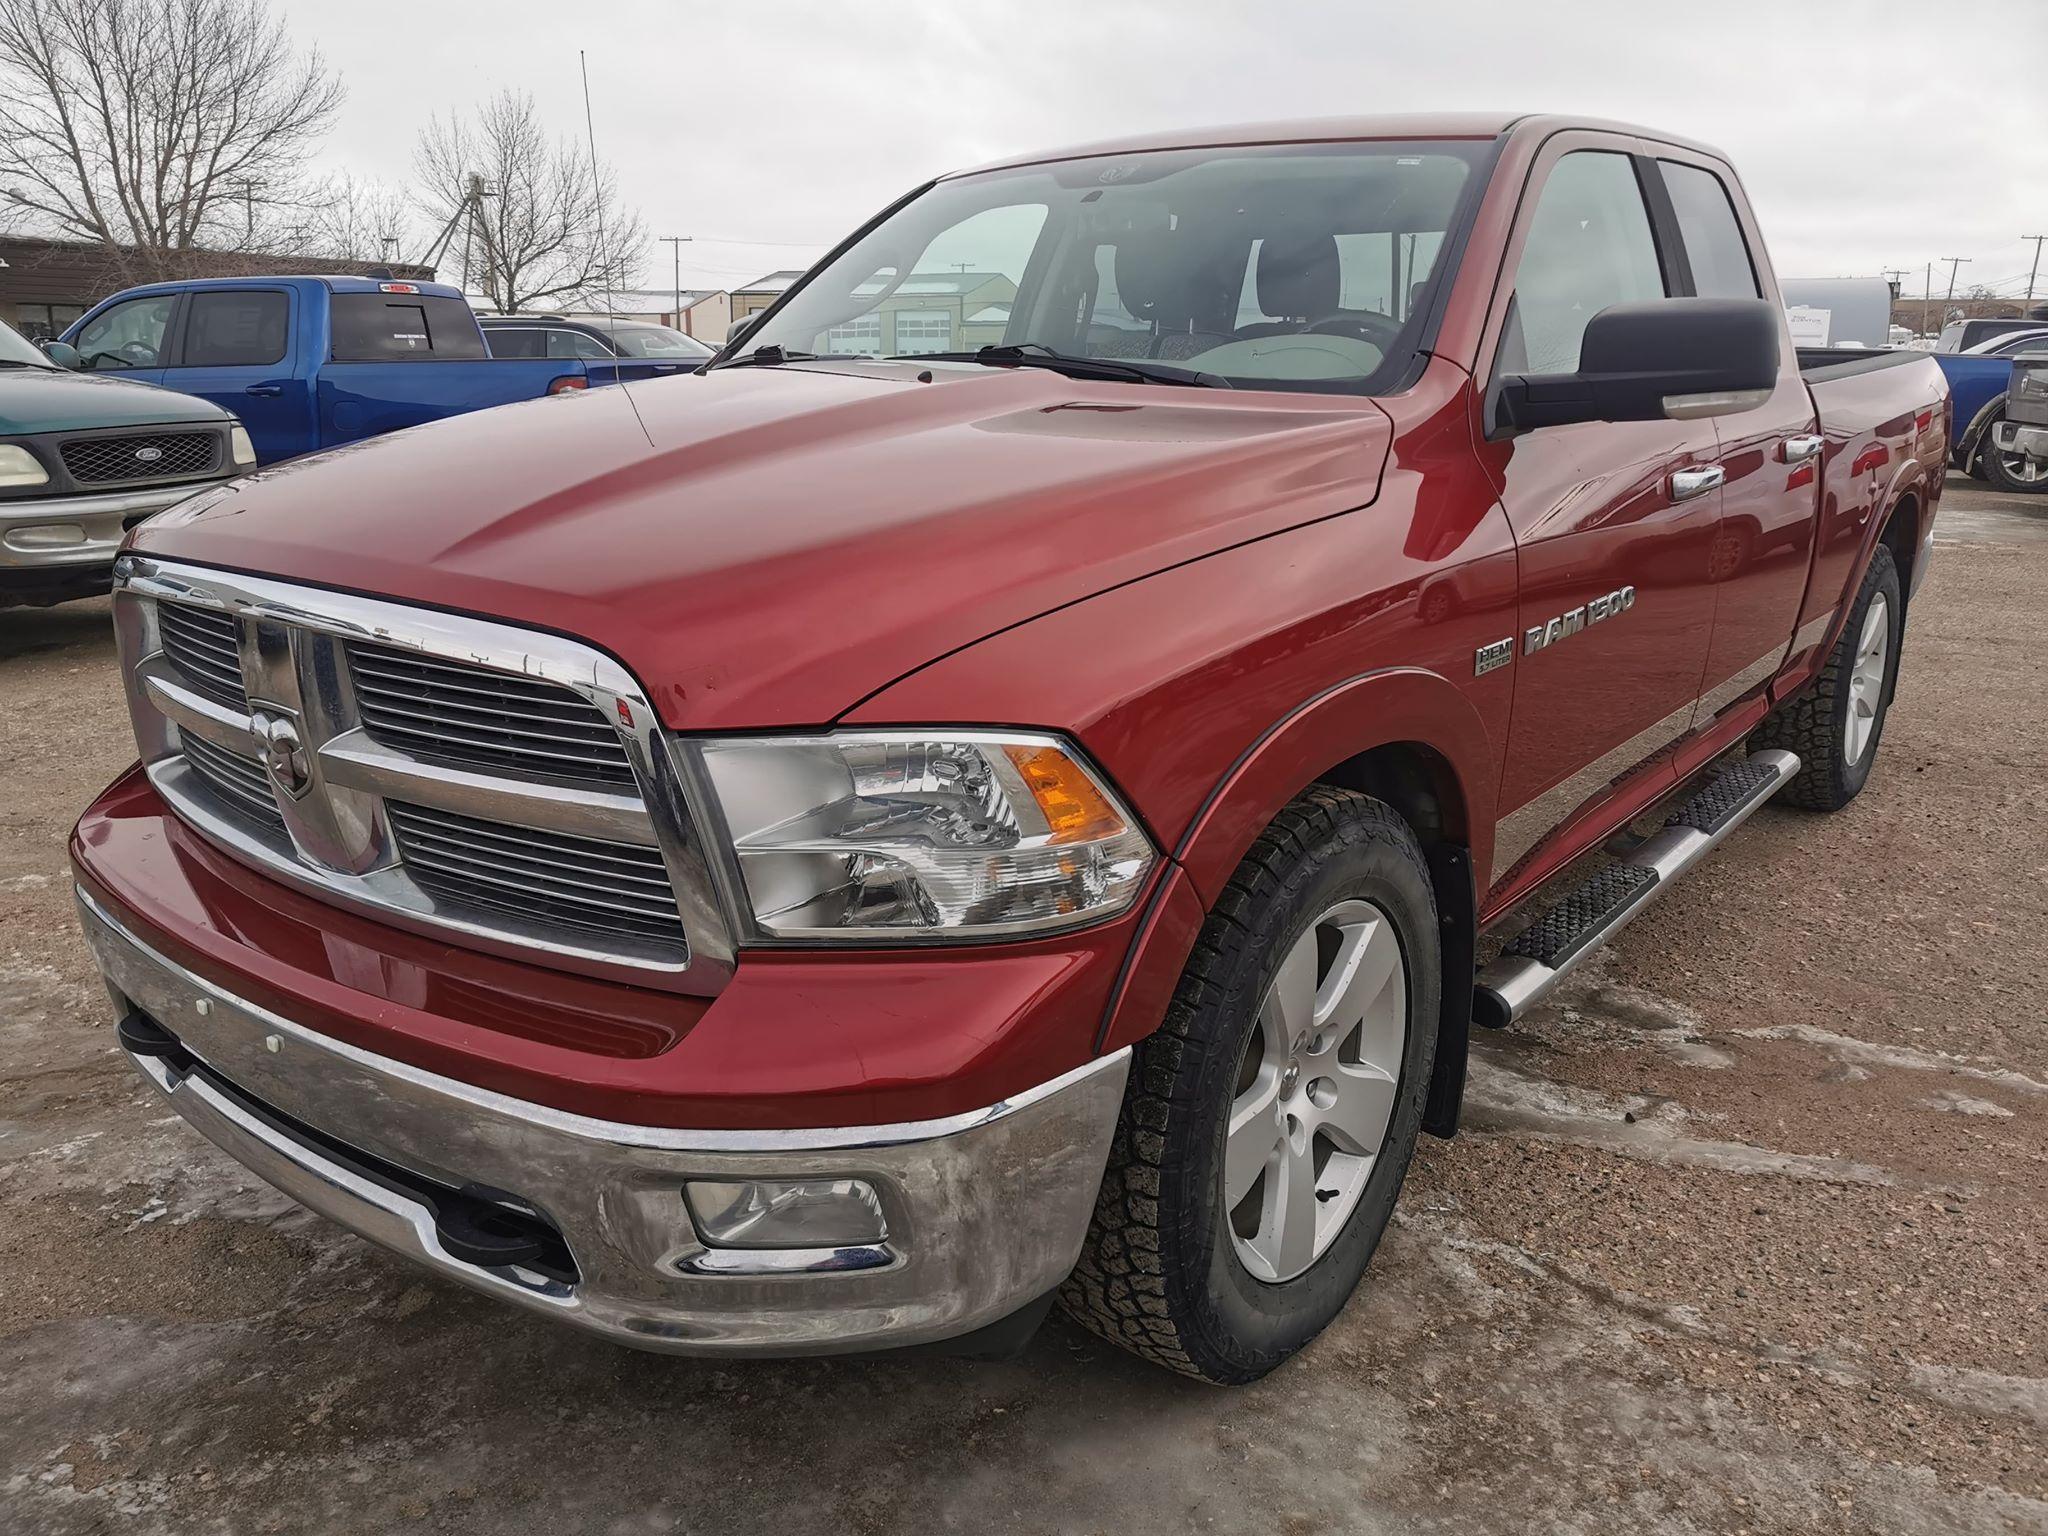 Featured used 2011 Ram 1500 SLT Truck Quad Cab for sale in Estevan, Saskatchewan